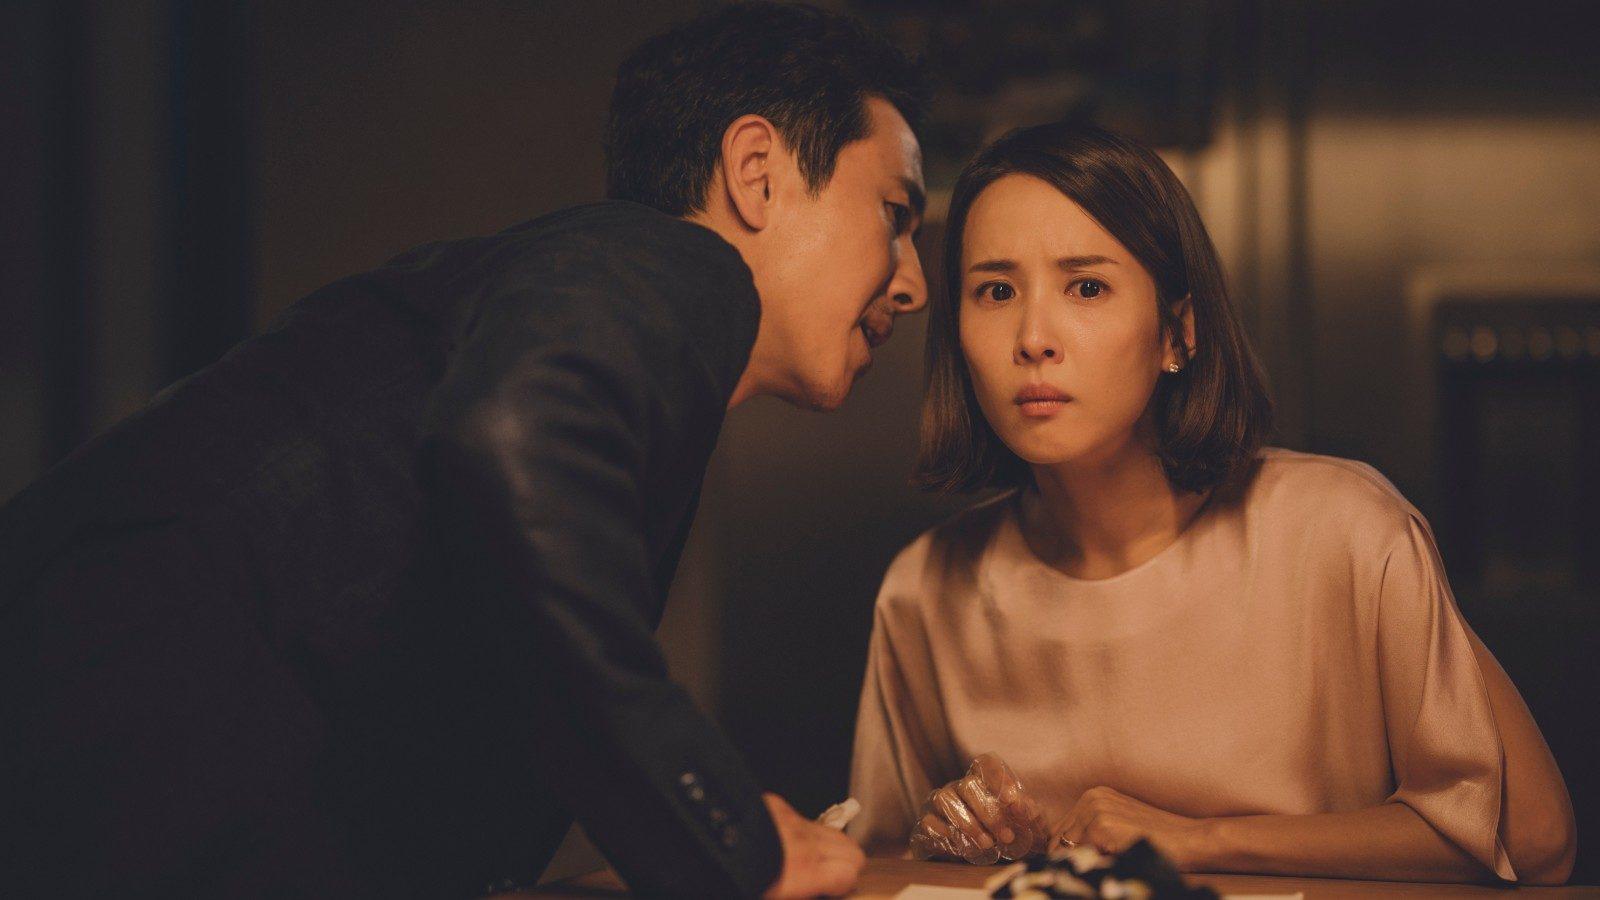 Parasite của đạo diễn Bong Joon Ho được đánh giá cao tại các giải thưởng quốc tế